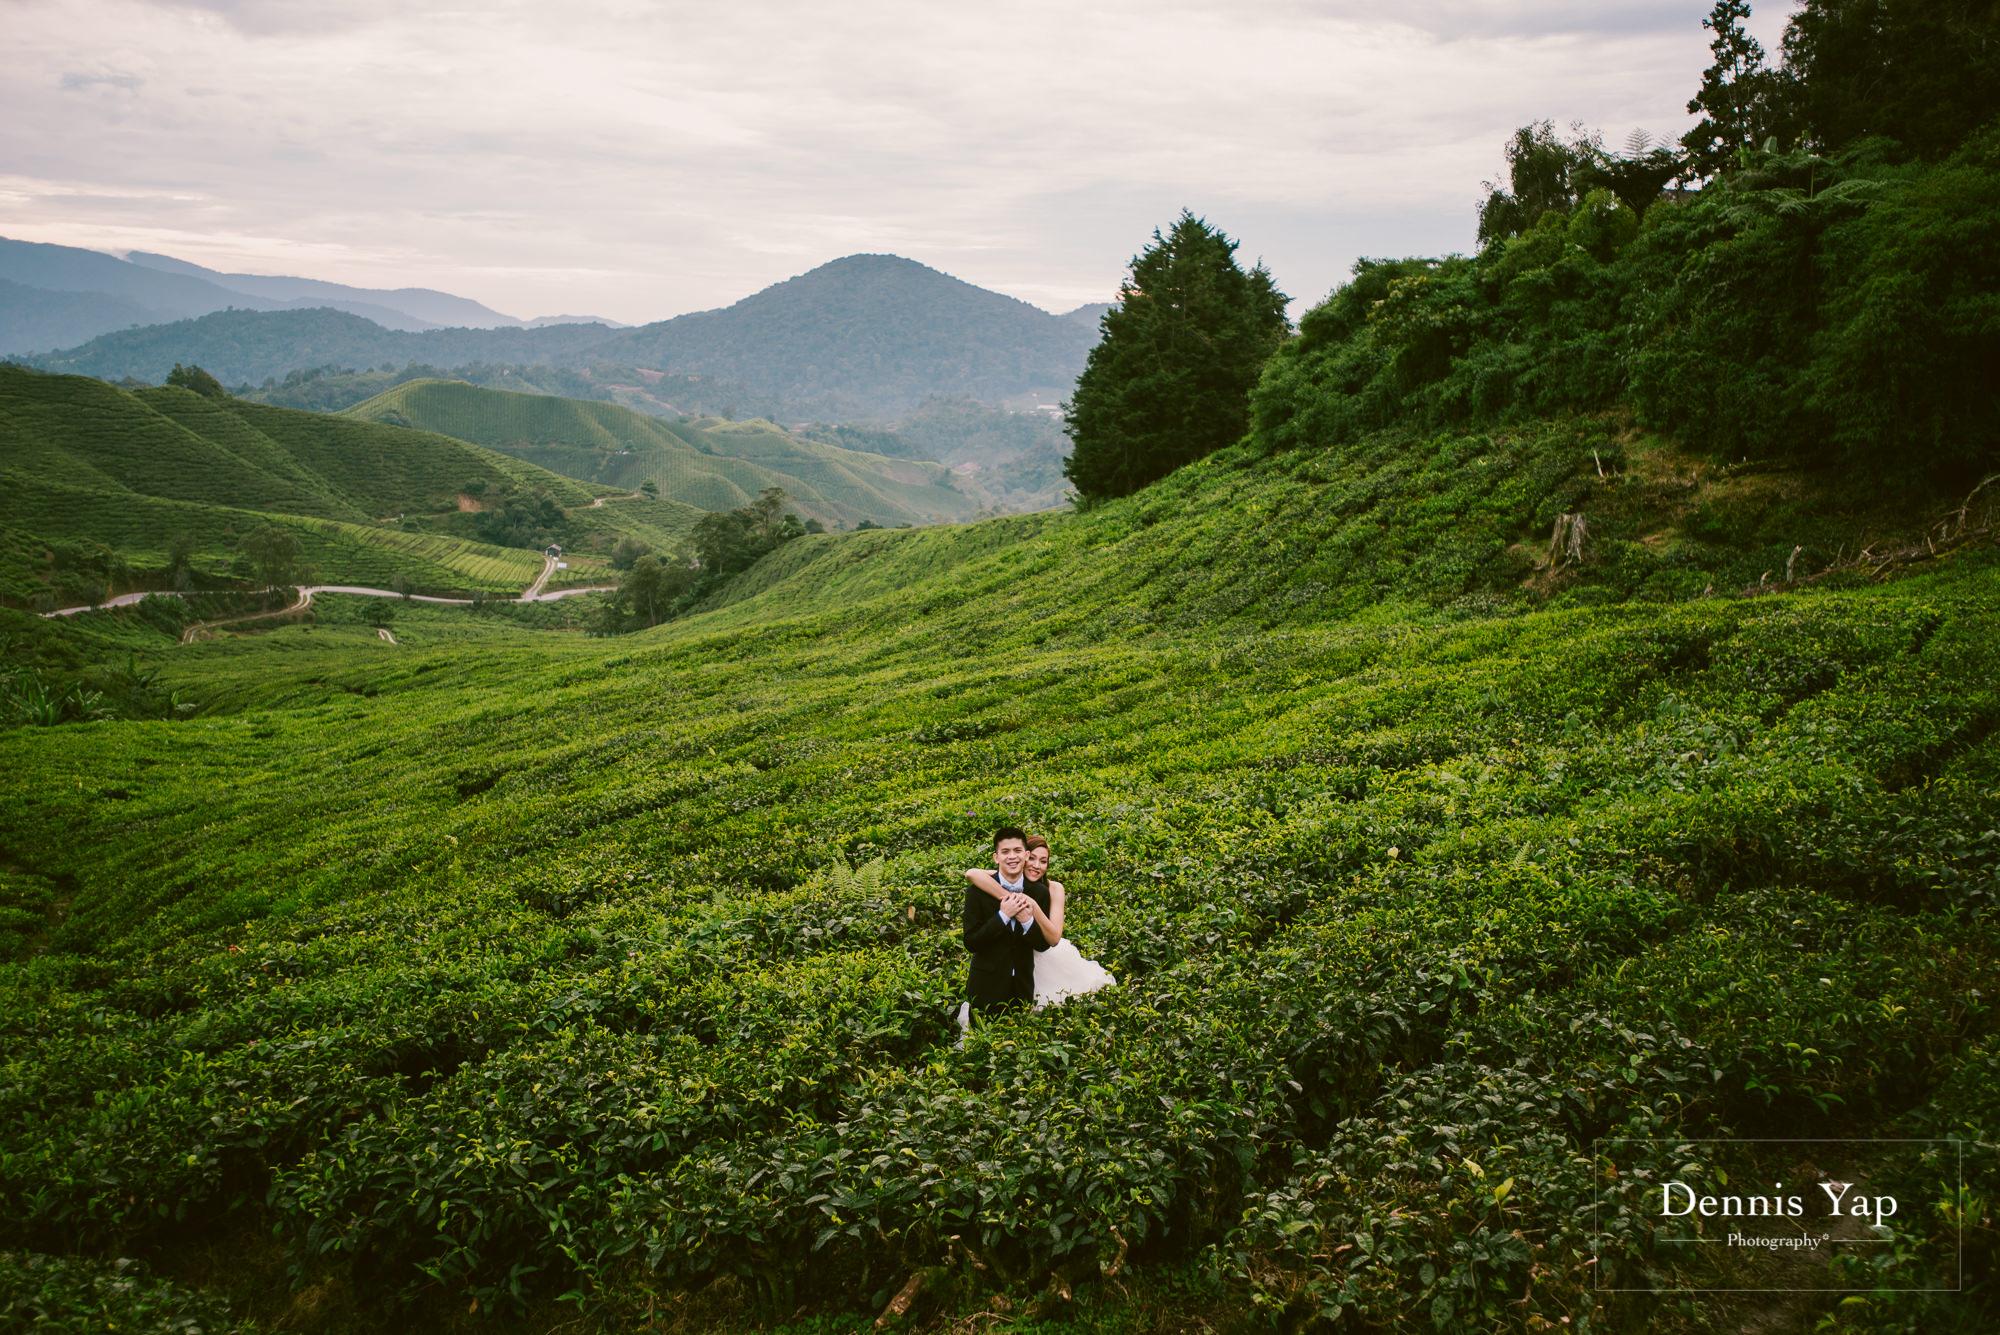 chay xiang alicia pre wedding cameron highland smoke house tea plantation dennis yap photography-1.jpg